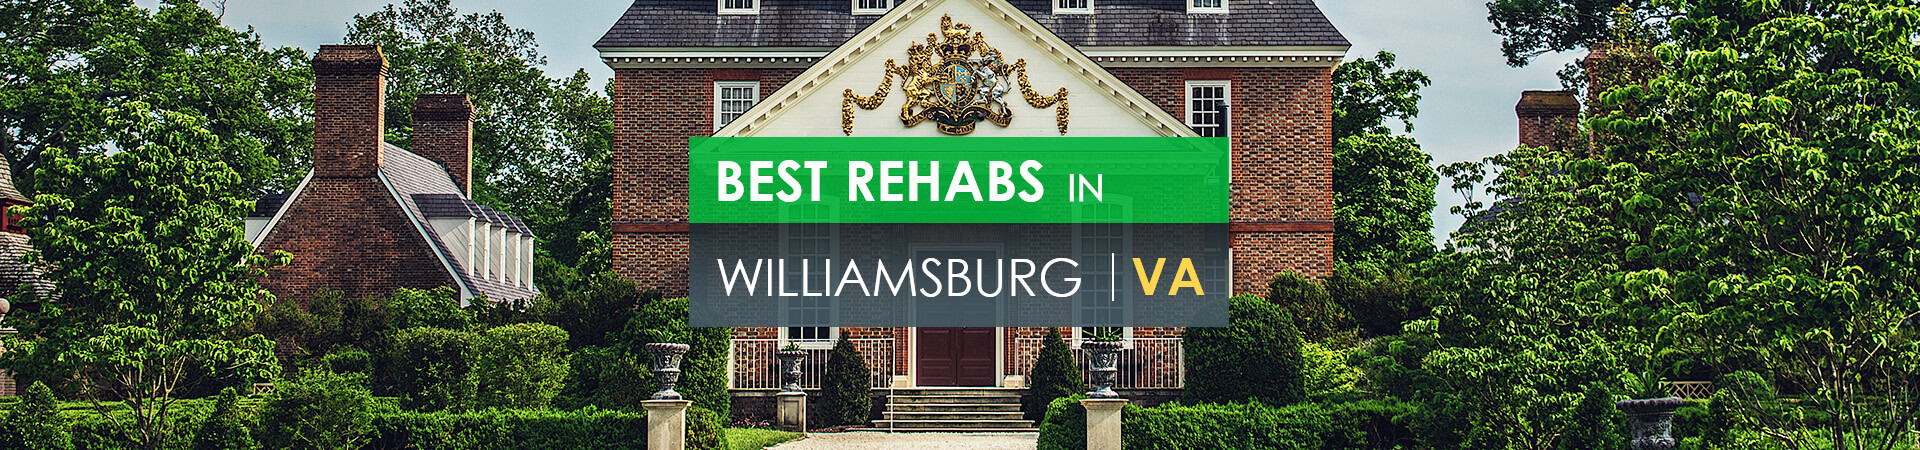 Best rehabs in Williamsburg, VA